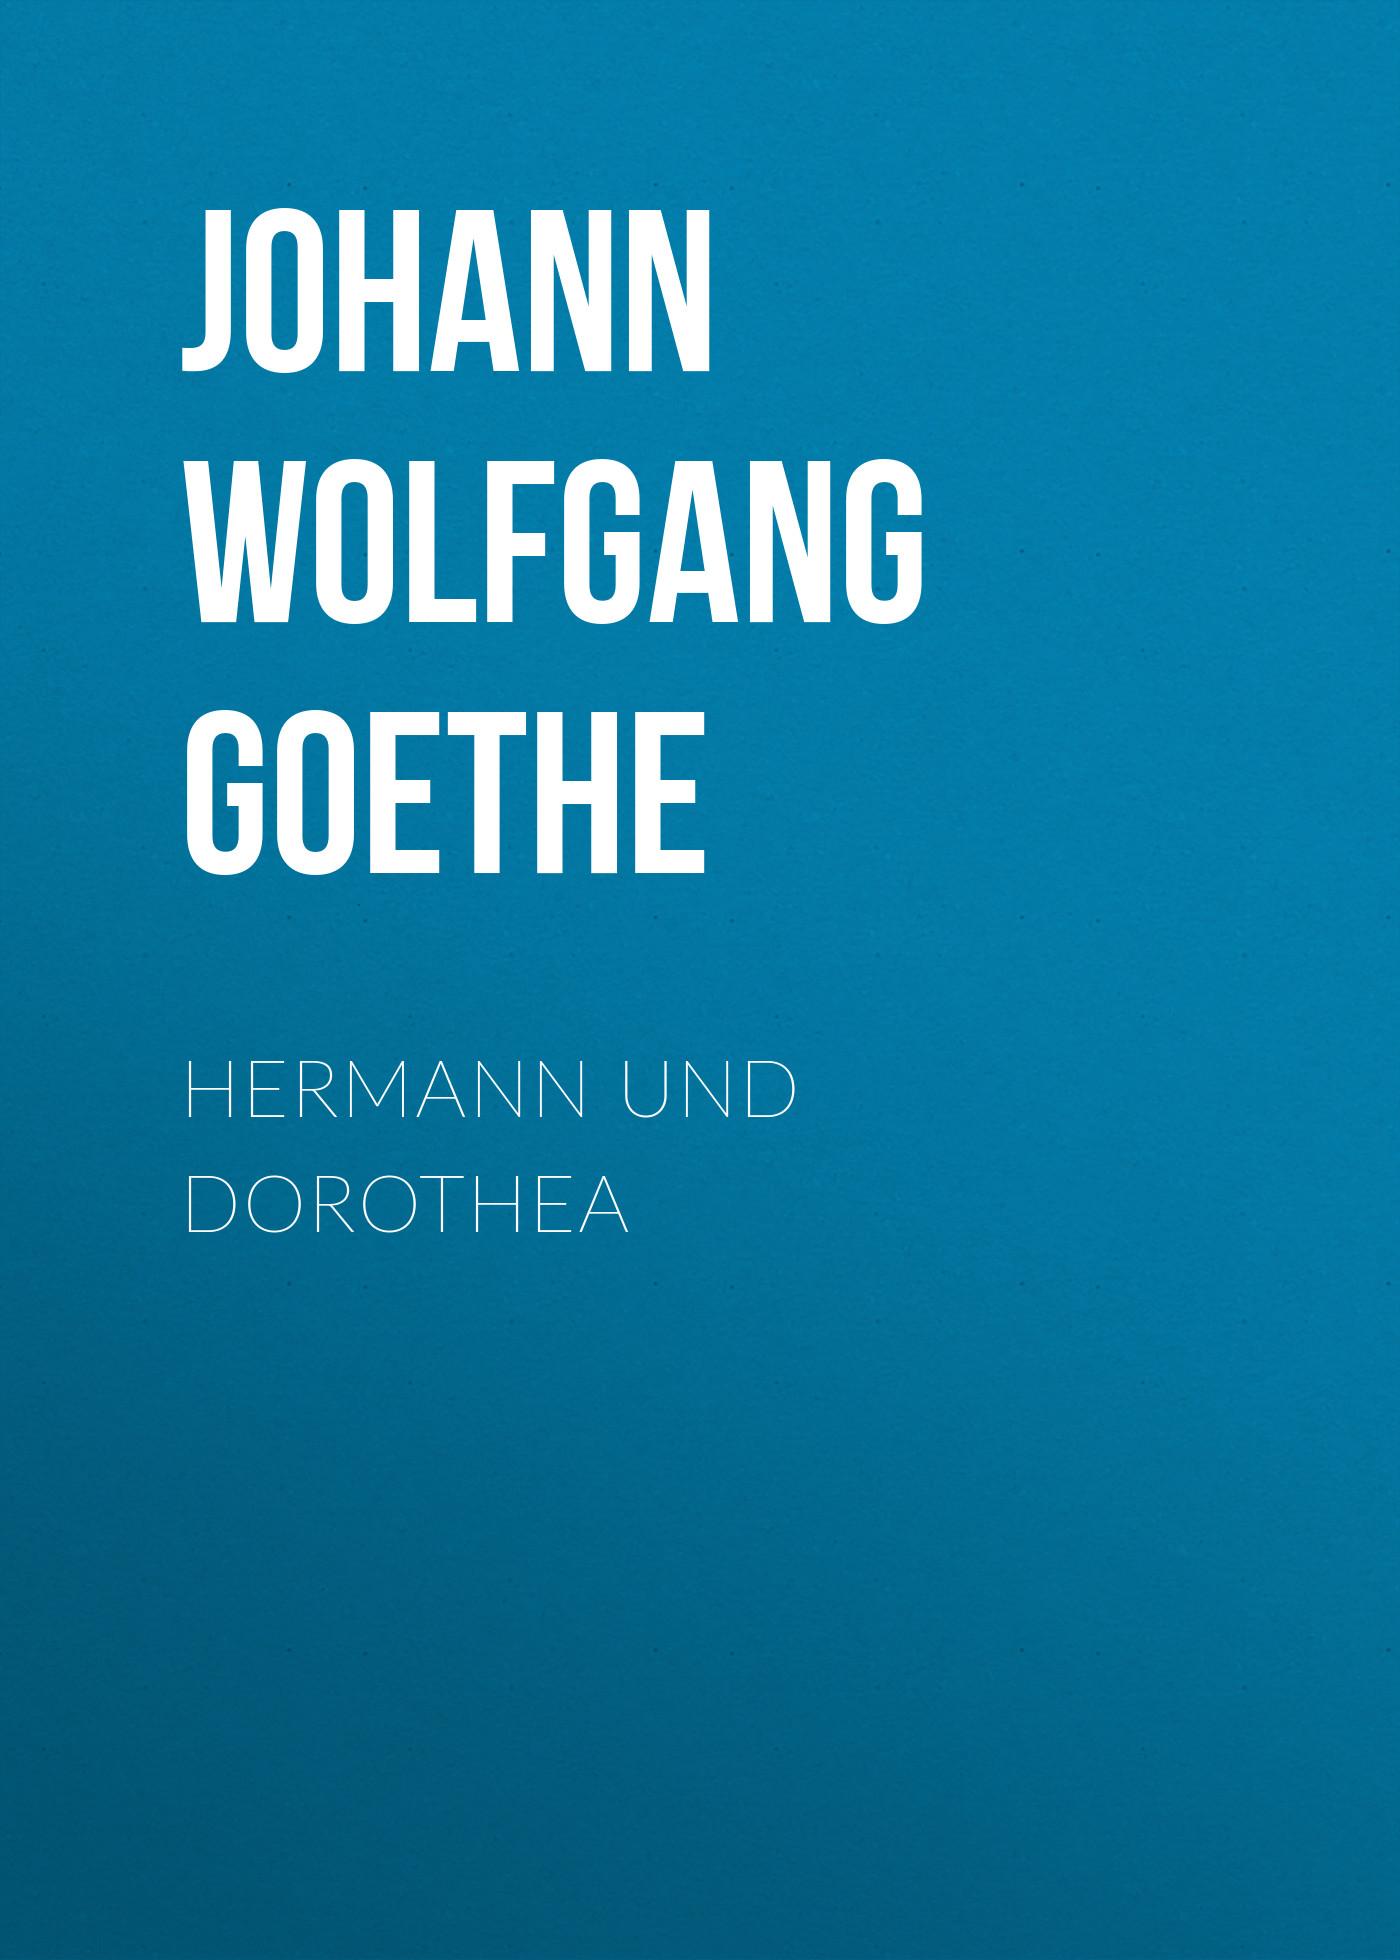 Иоганн Вольфганг фон Гёте Hermann und Dorothea иоганн вольфганг фон гёте прометей